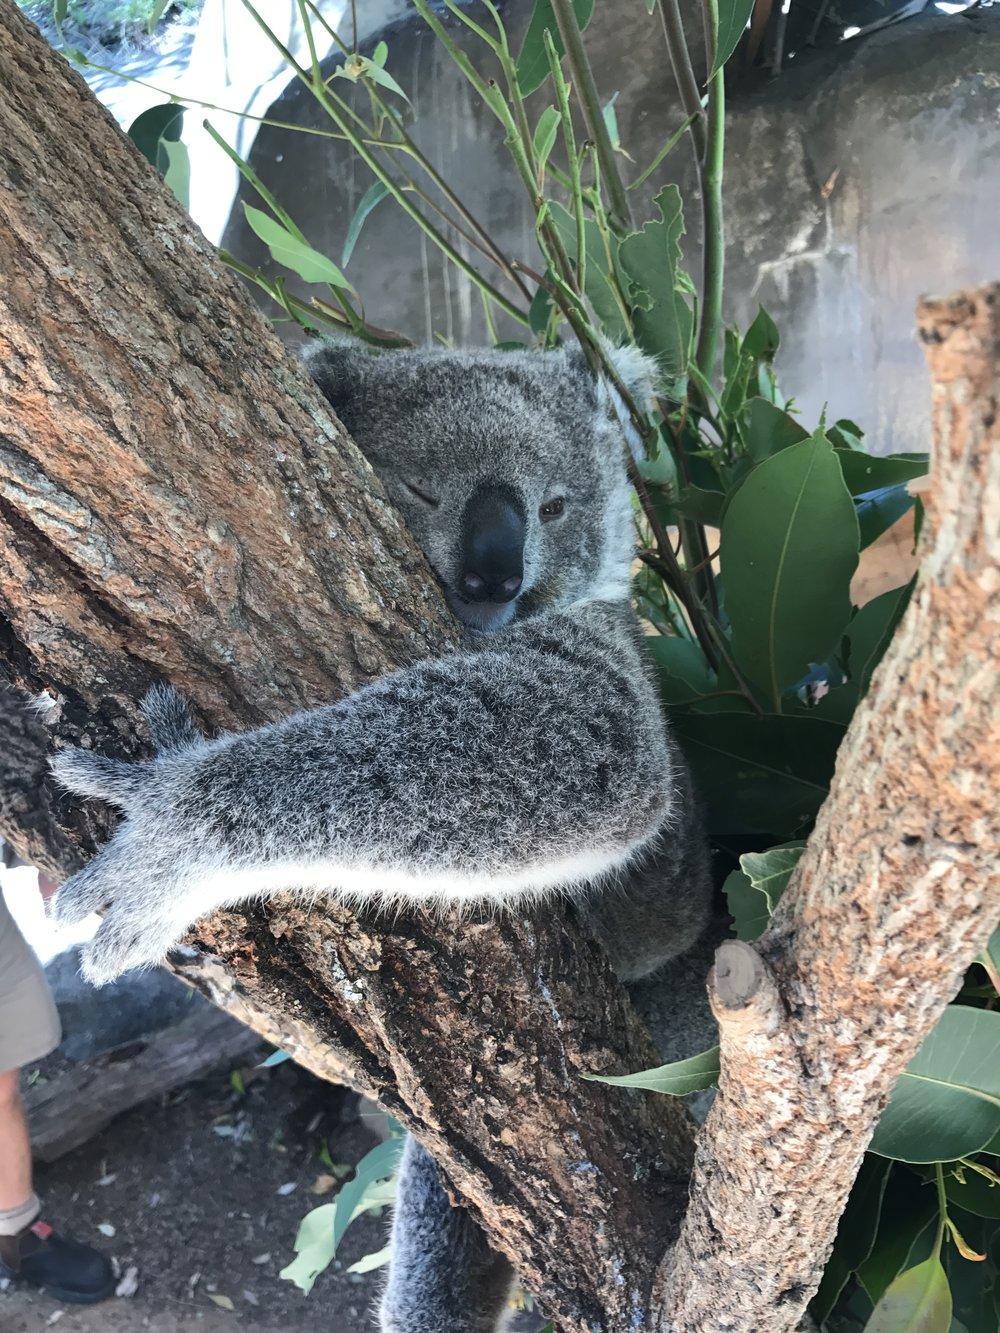 koala taronga zoo sydney anna kooiman www.annakooiman.com fitness travel lifestyle